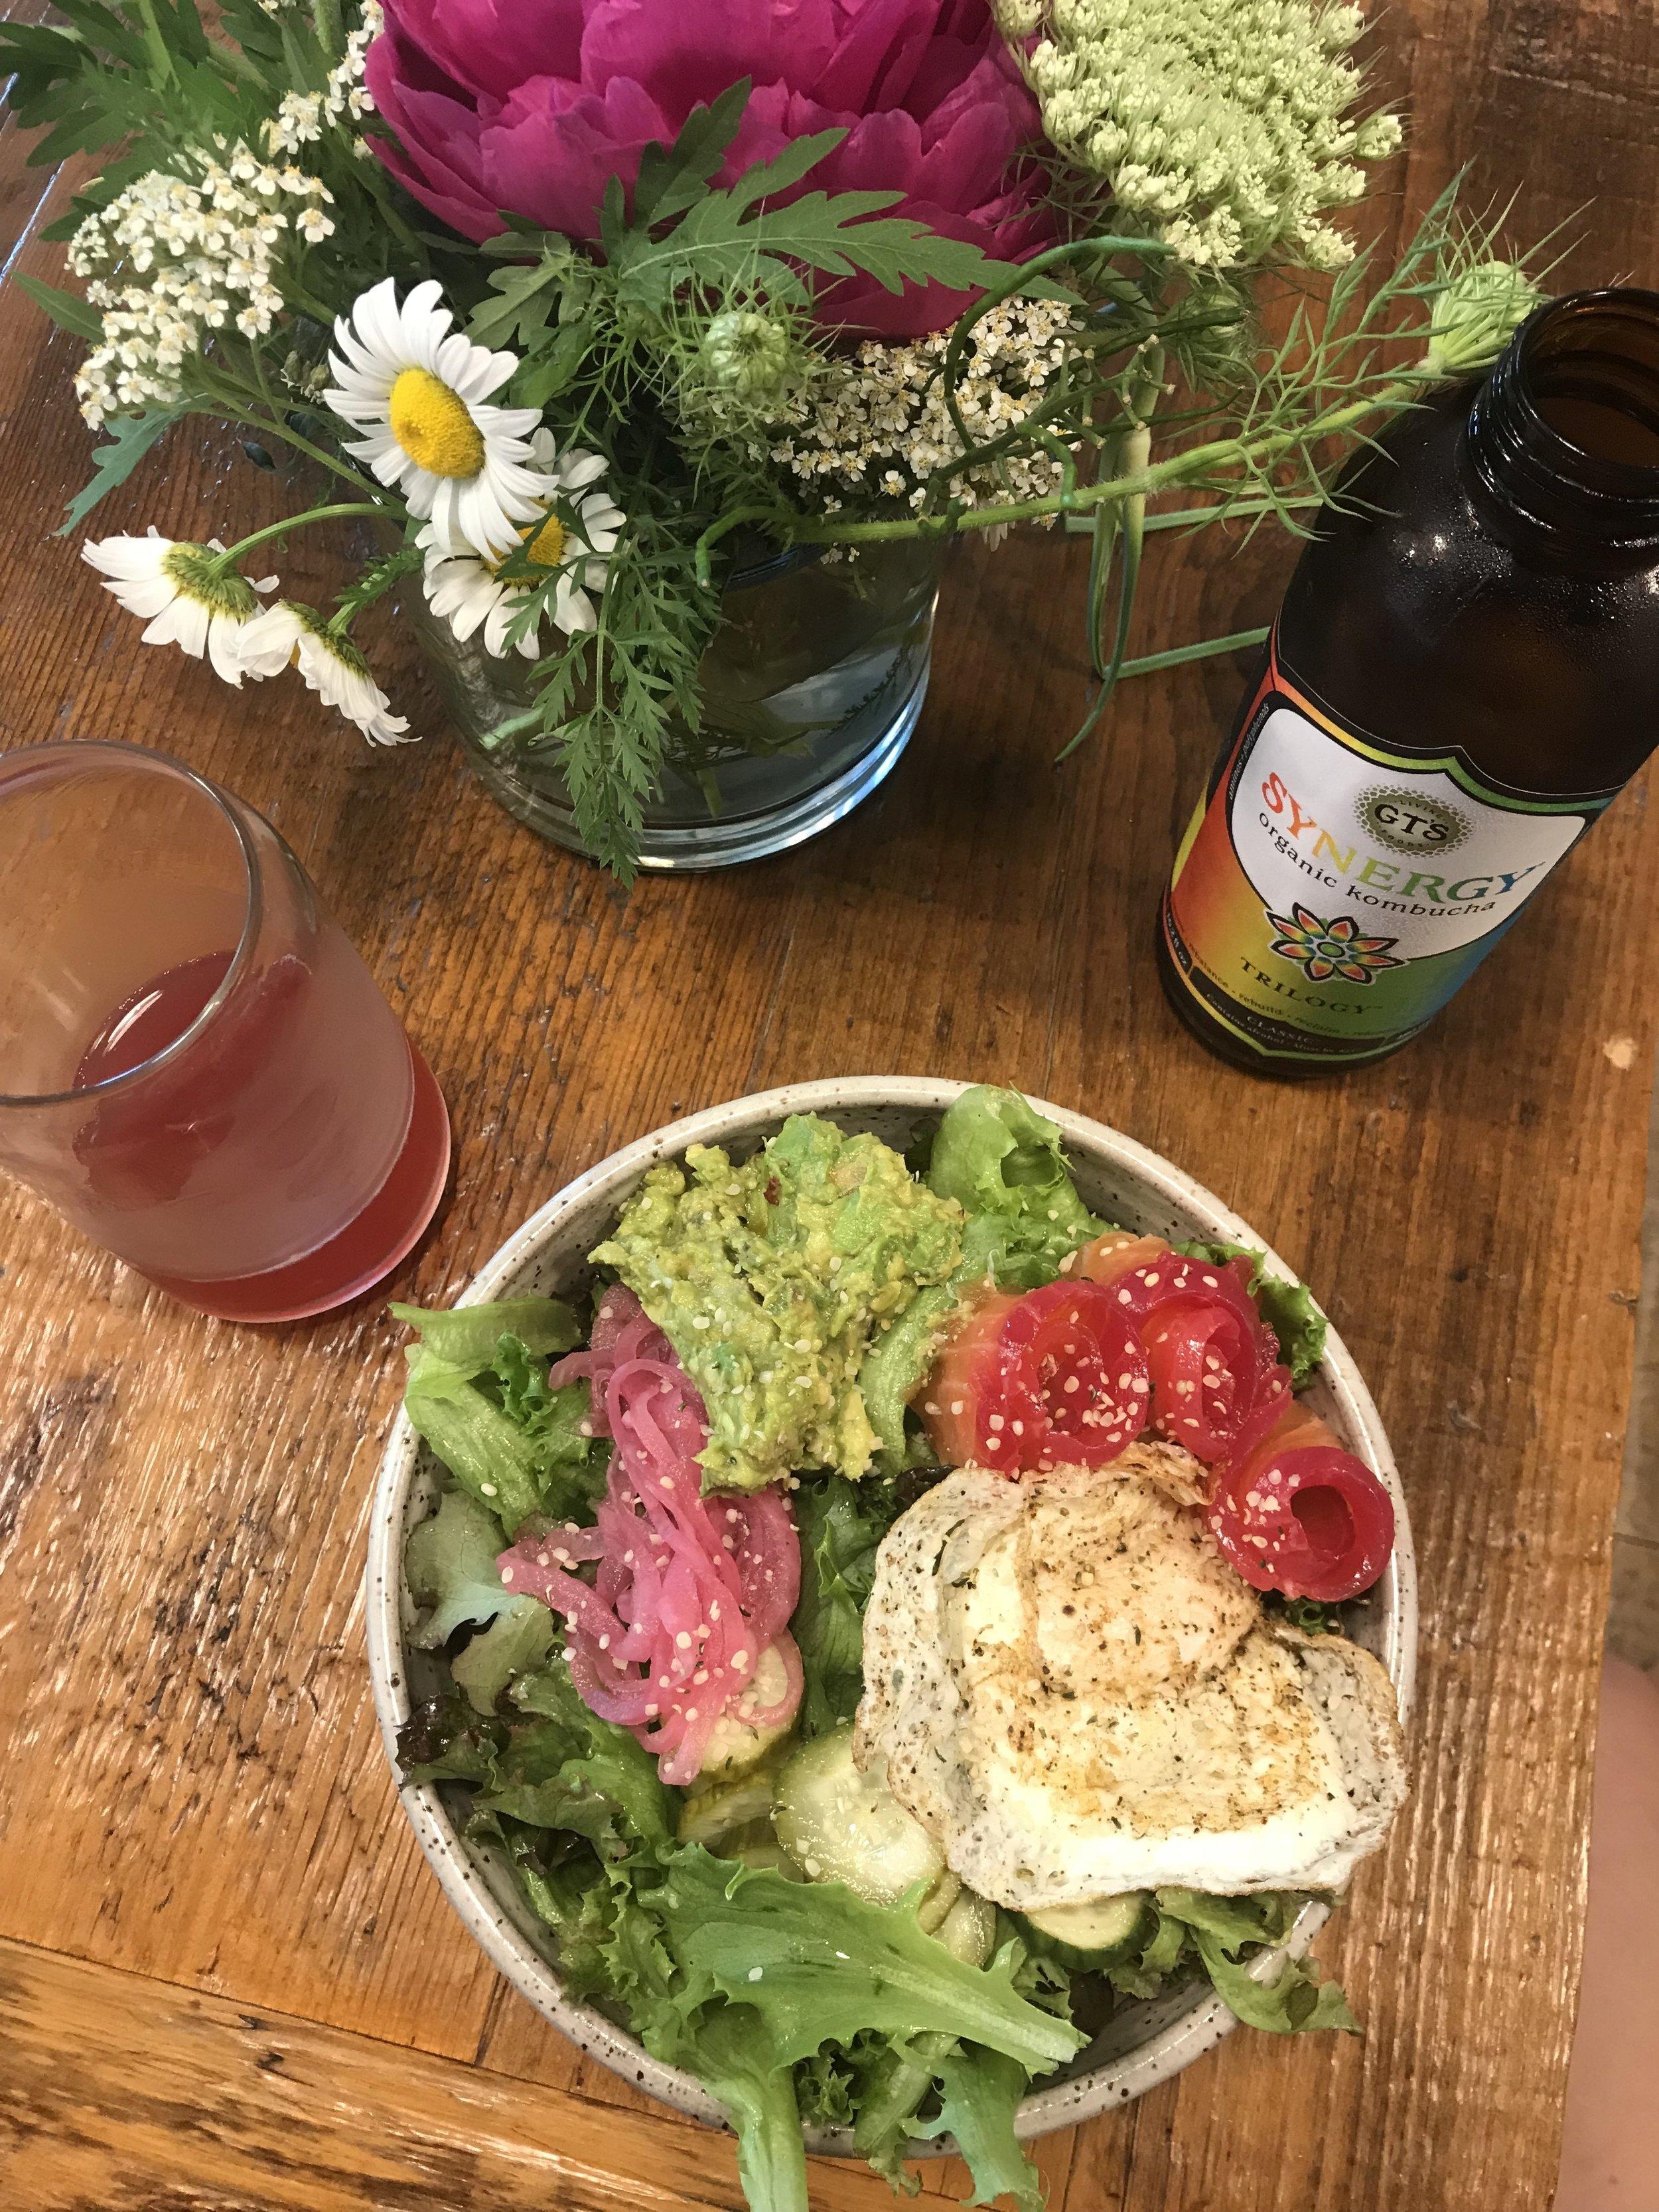 LB Kitchen - Breakfast Bowl and GT's Kombucha